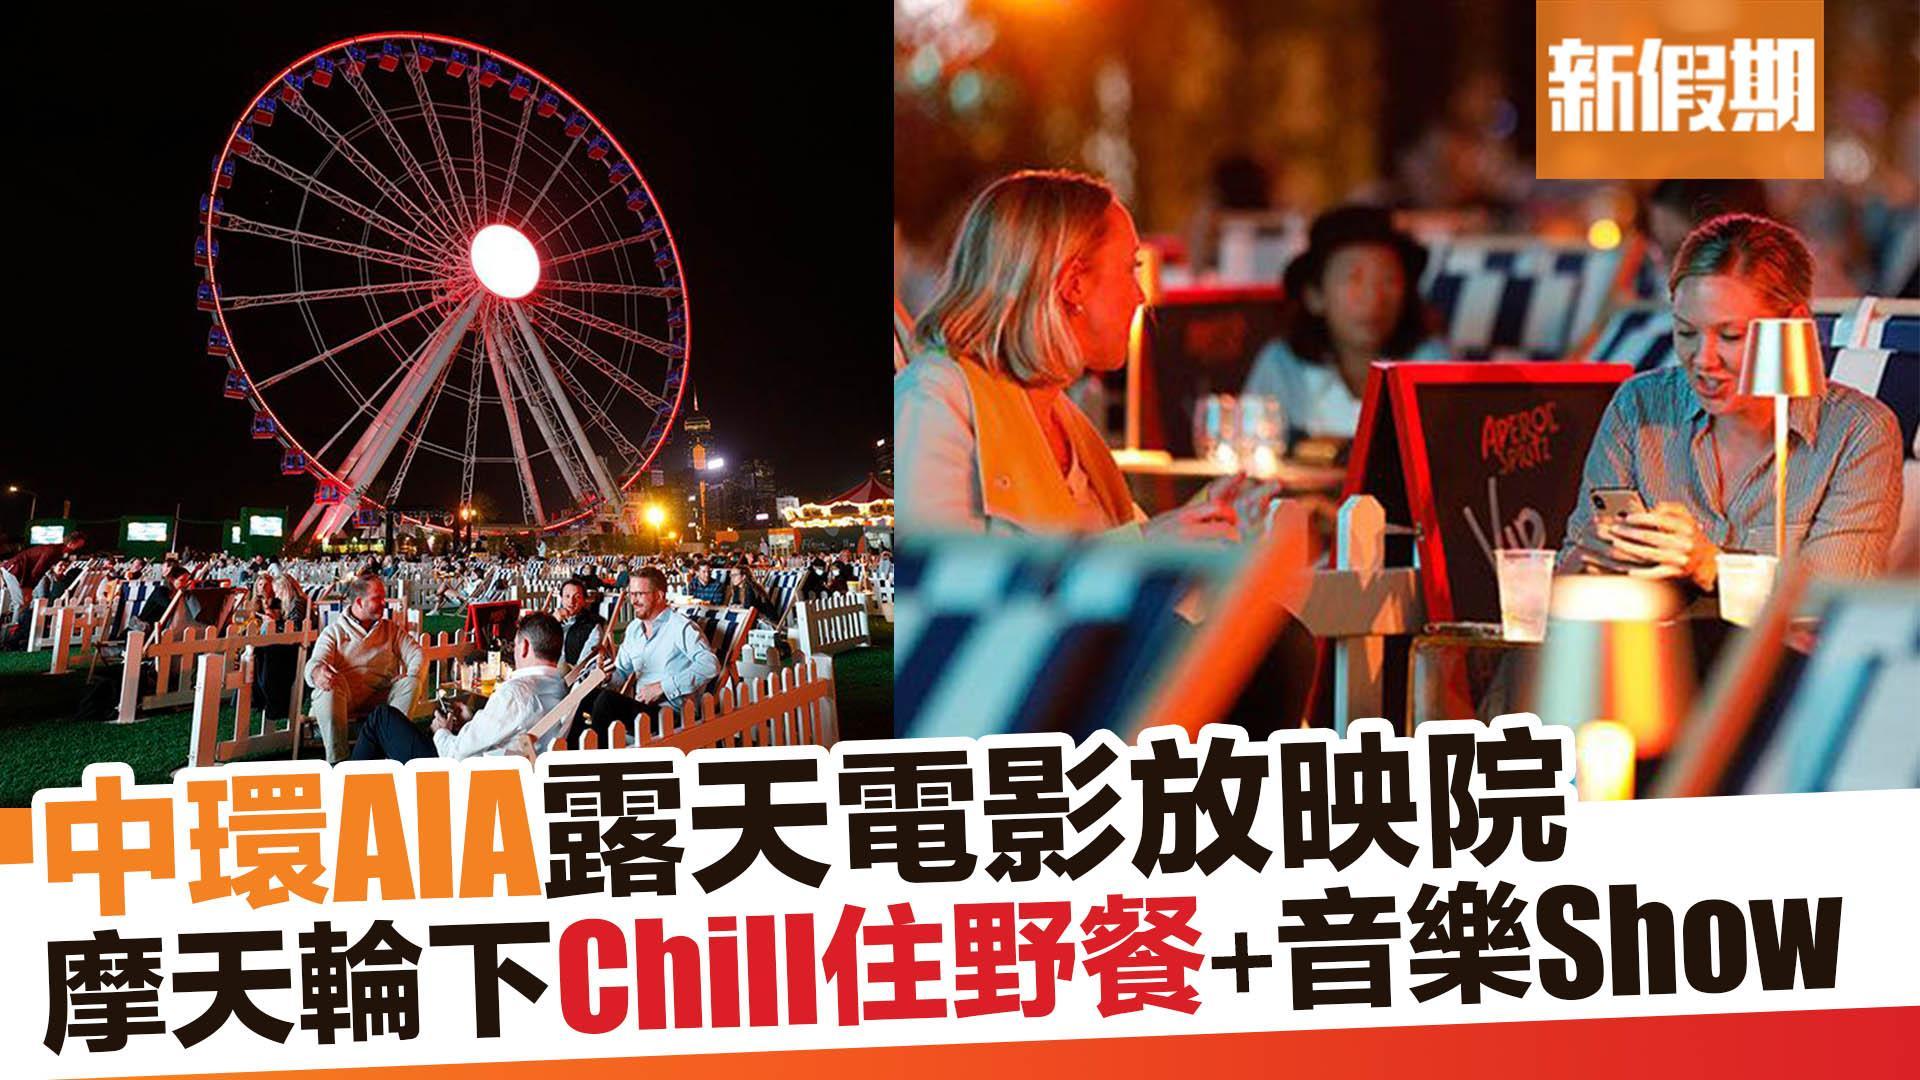 【香港好去處】好去處中環AIA露天電影放映院! 新假期